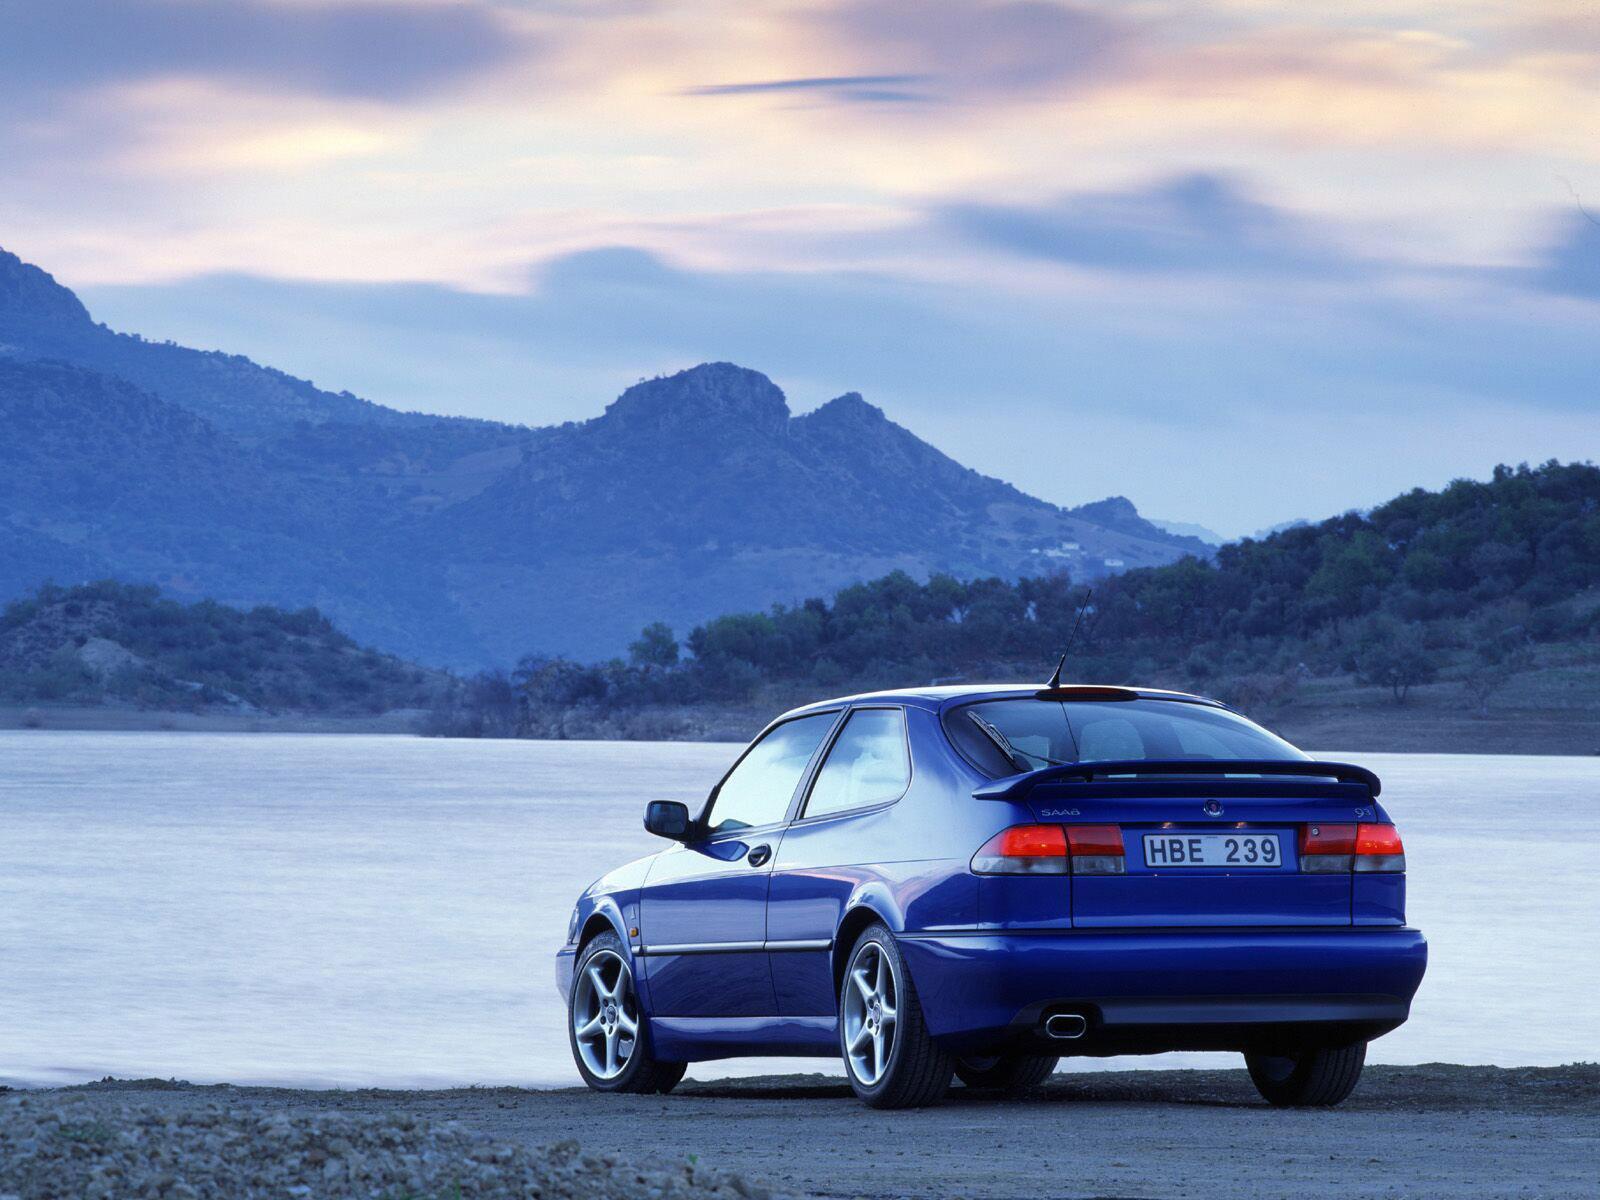 saab 9 3 viggen coupe 1999 2002 saab 9 3 viggen coupe 1999 2002 photo 09 car in pictures car. Black Bedroom Furniture Sets. Home Design Ideas